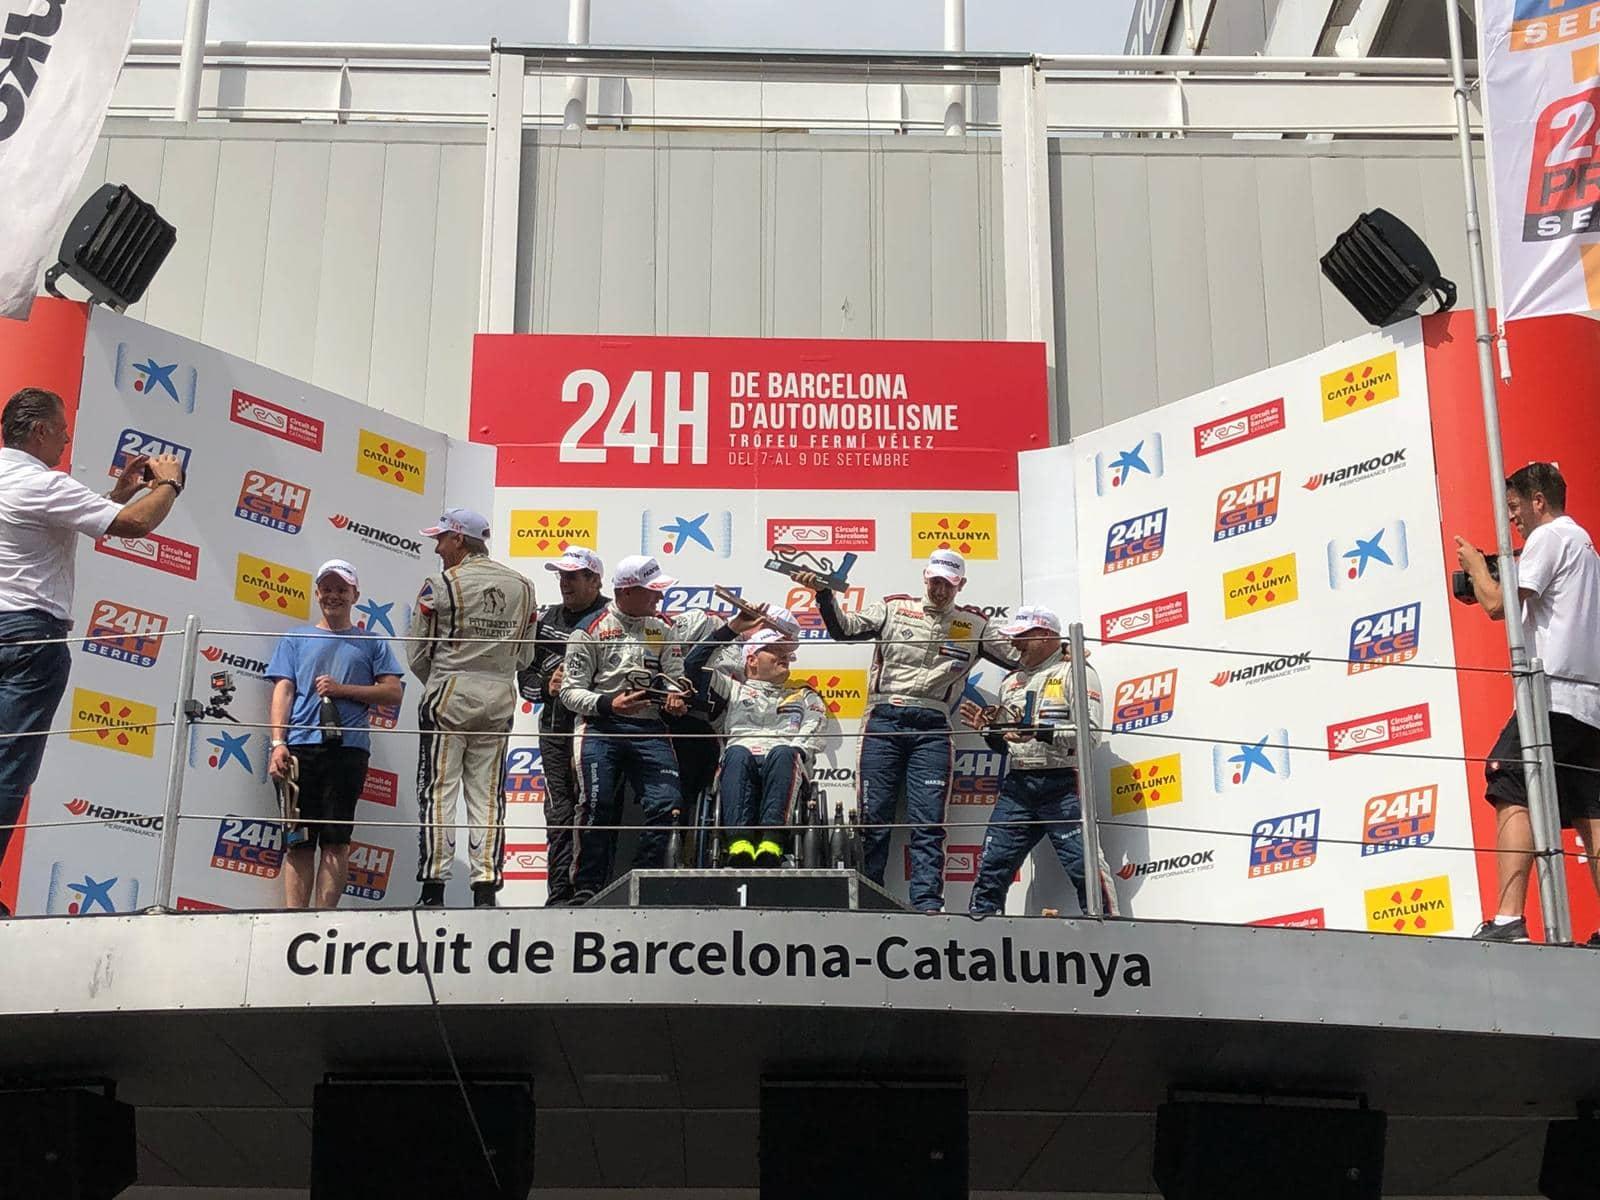 IMG 0684 - 7.-9. September 2018 – 24h Barcelona – Barcelona / ESP